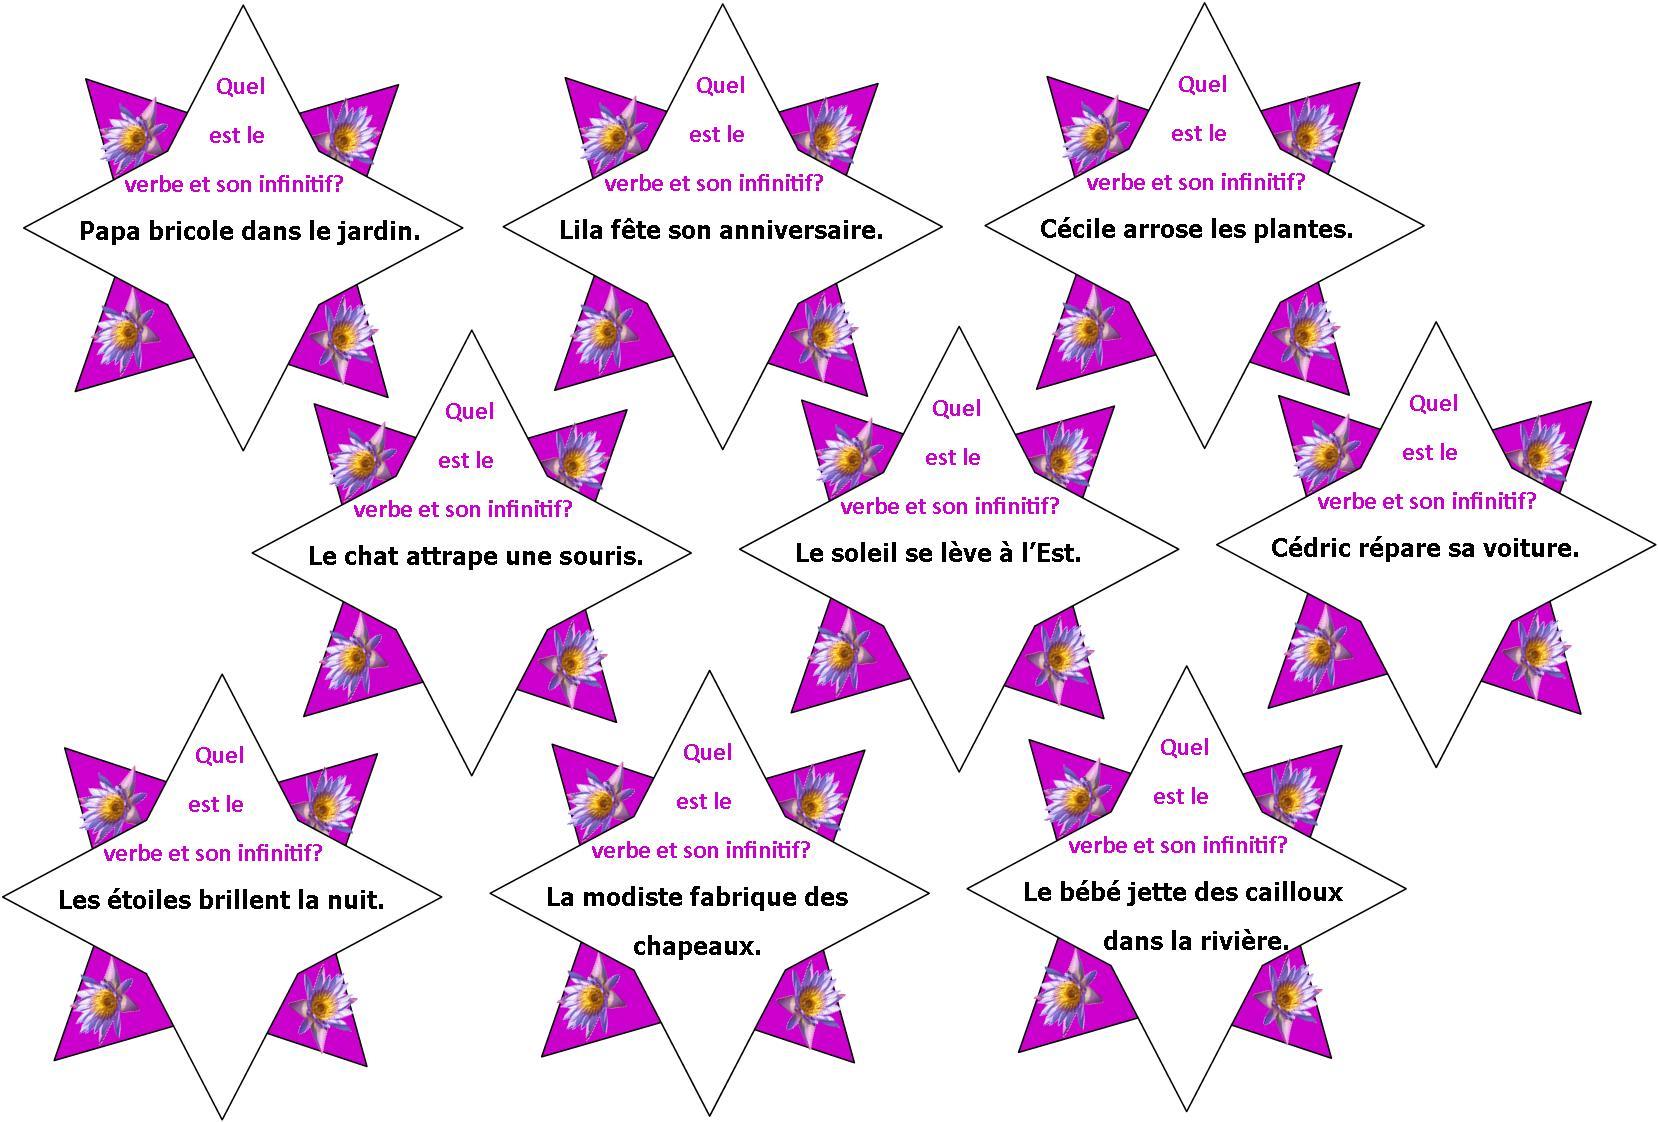 Jeu À Imprimer Ce1 | Le Blog De Monsieur Mathieu intérieur Jeux Educatif Ce1 A Imprimer